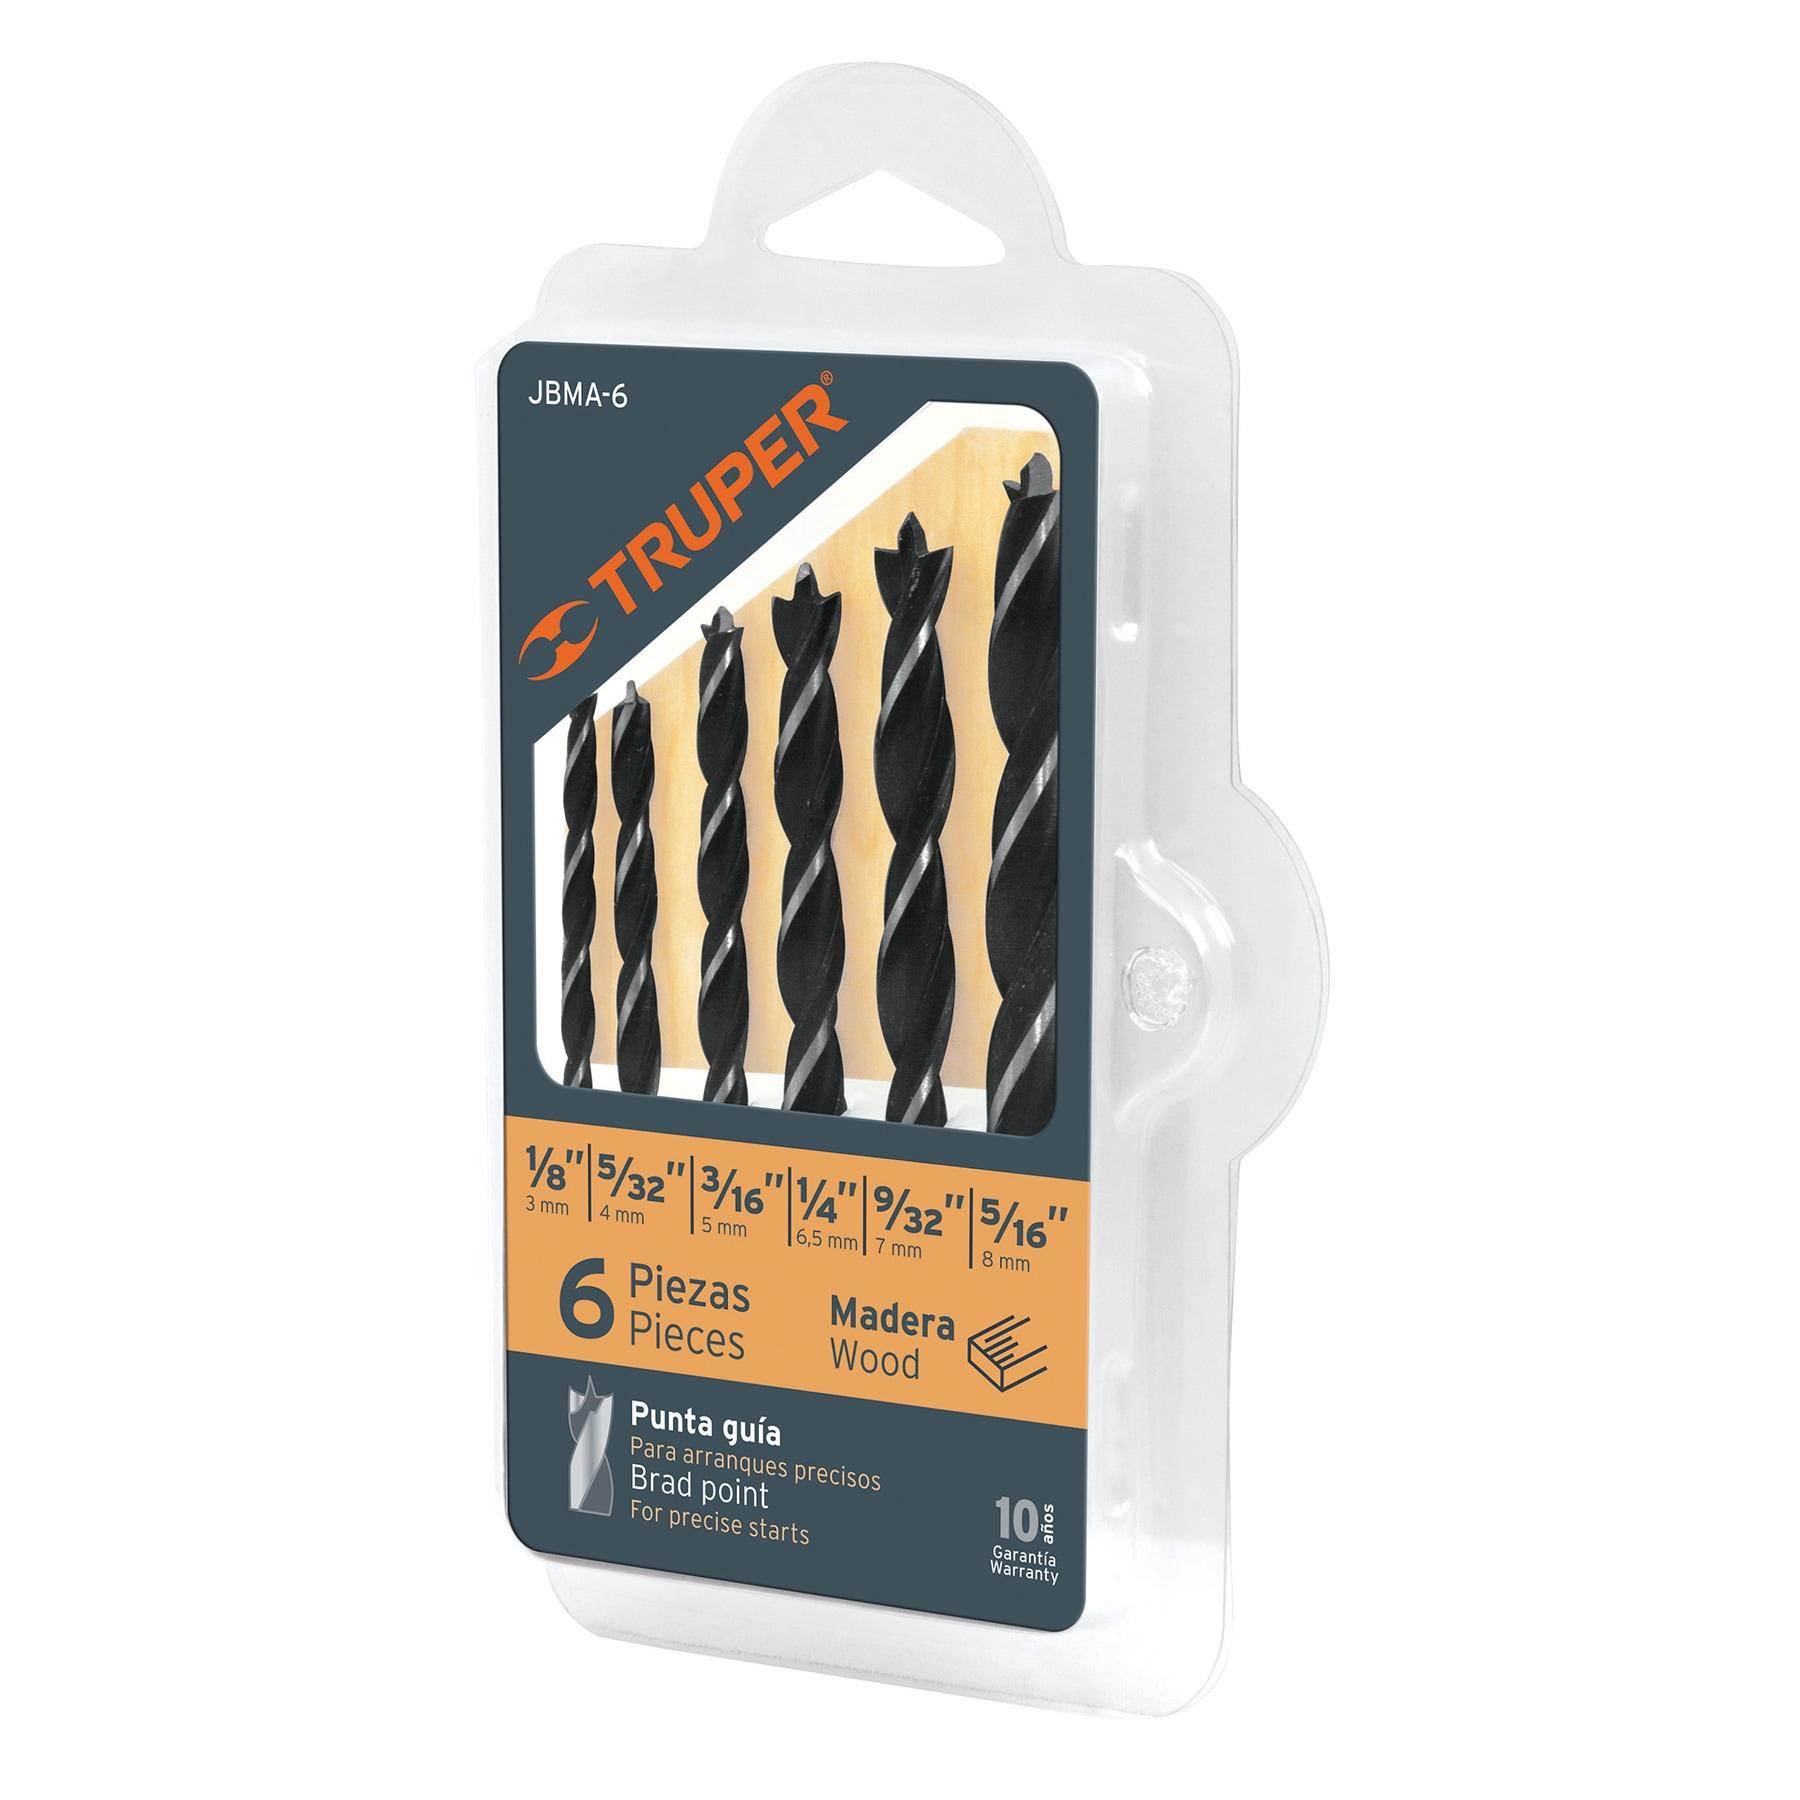 Juego de brocas para madera, 6 piezas